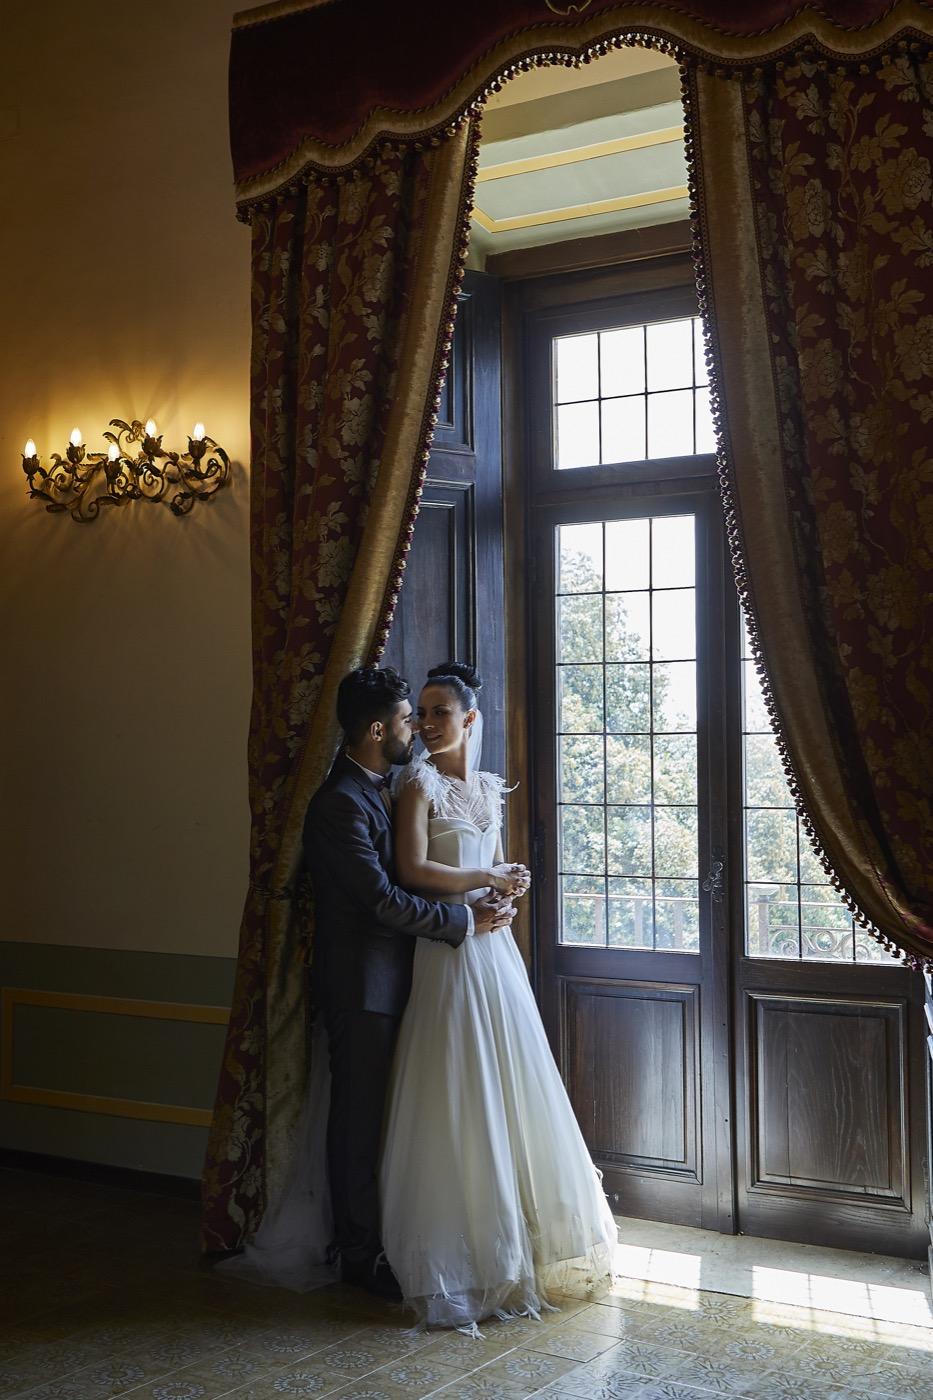 Claudio-Coppola-wedding-photographer-villa-del-cardinale-rocca-di-papa-castel-gandolfo-53